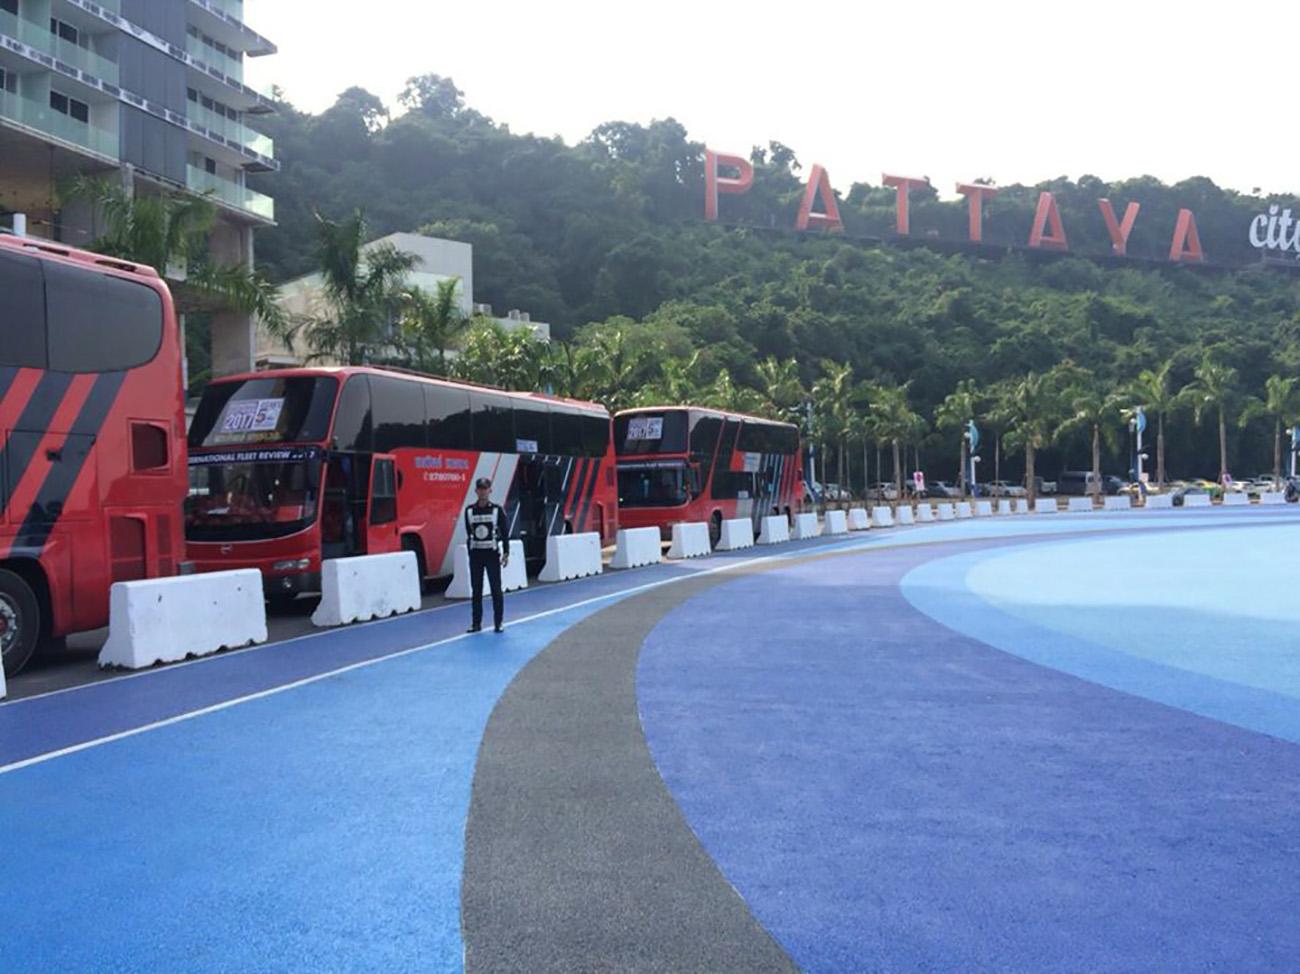 Цветные фонтаны и разноцветные дорожки на Бали Хай в Паттайе